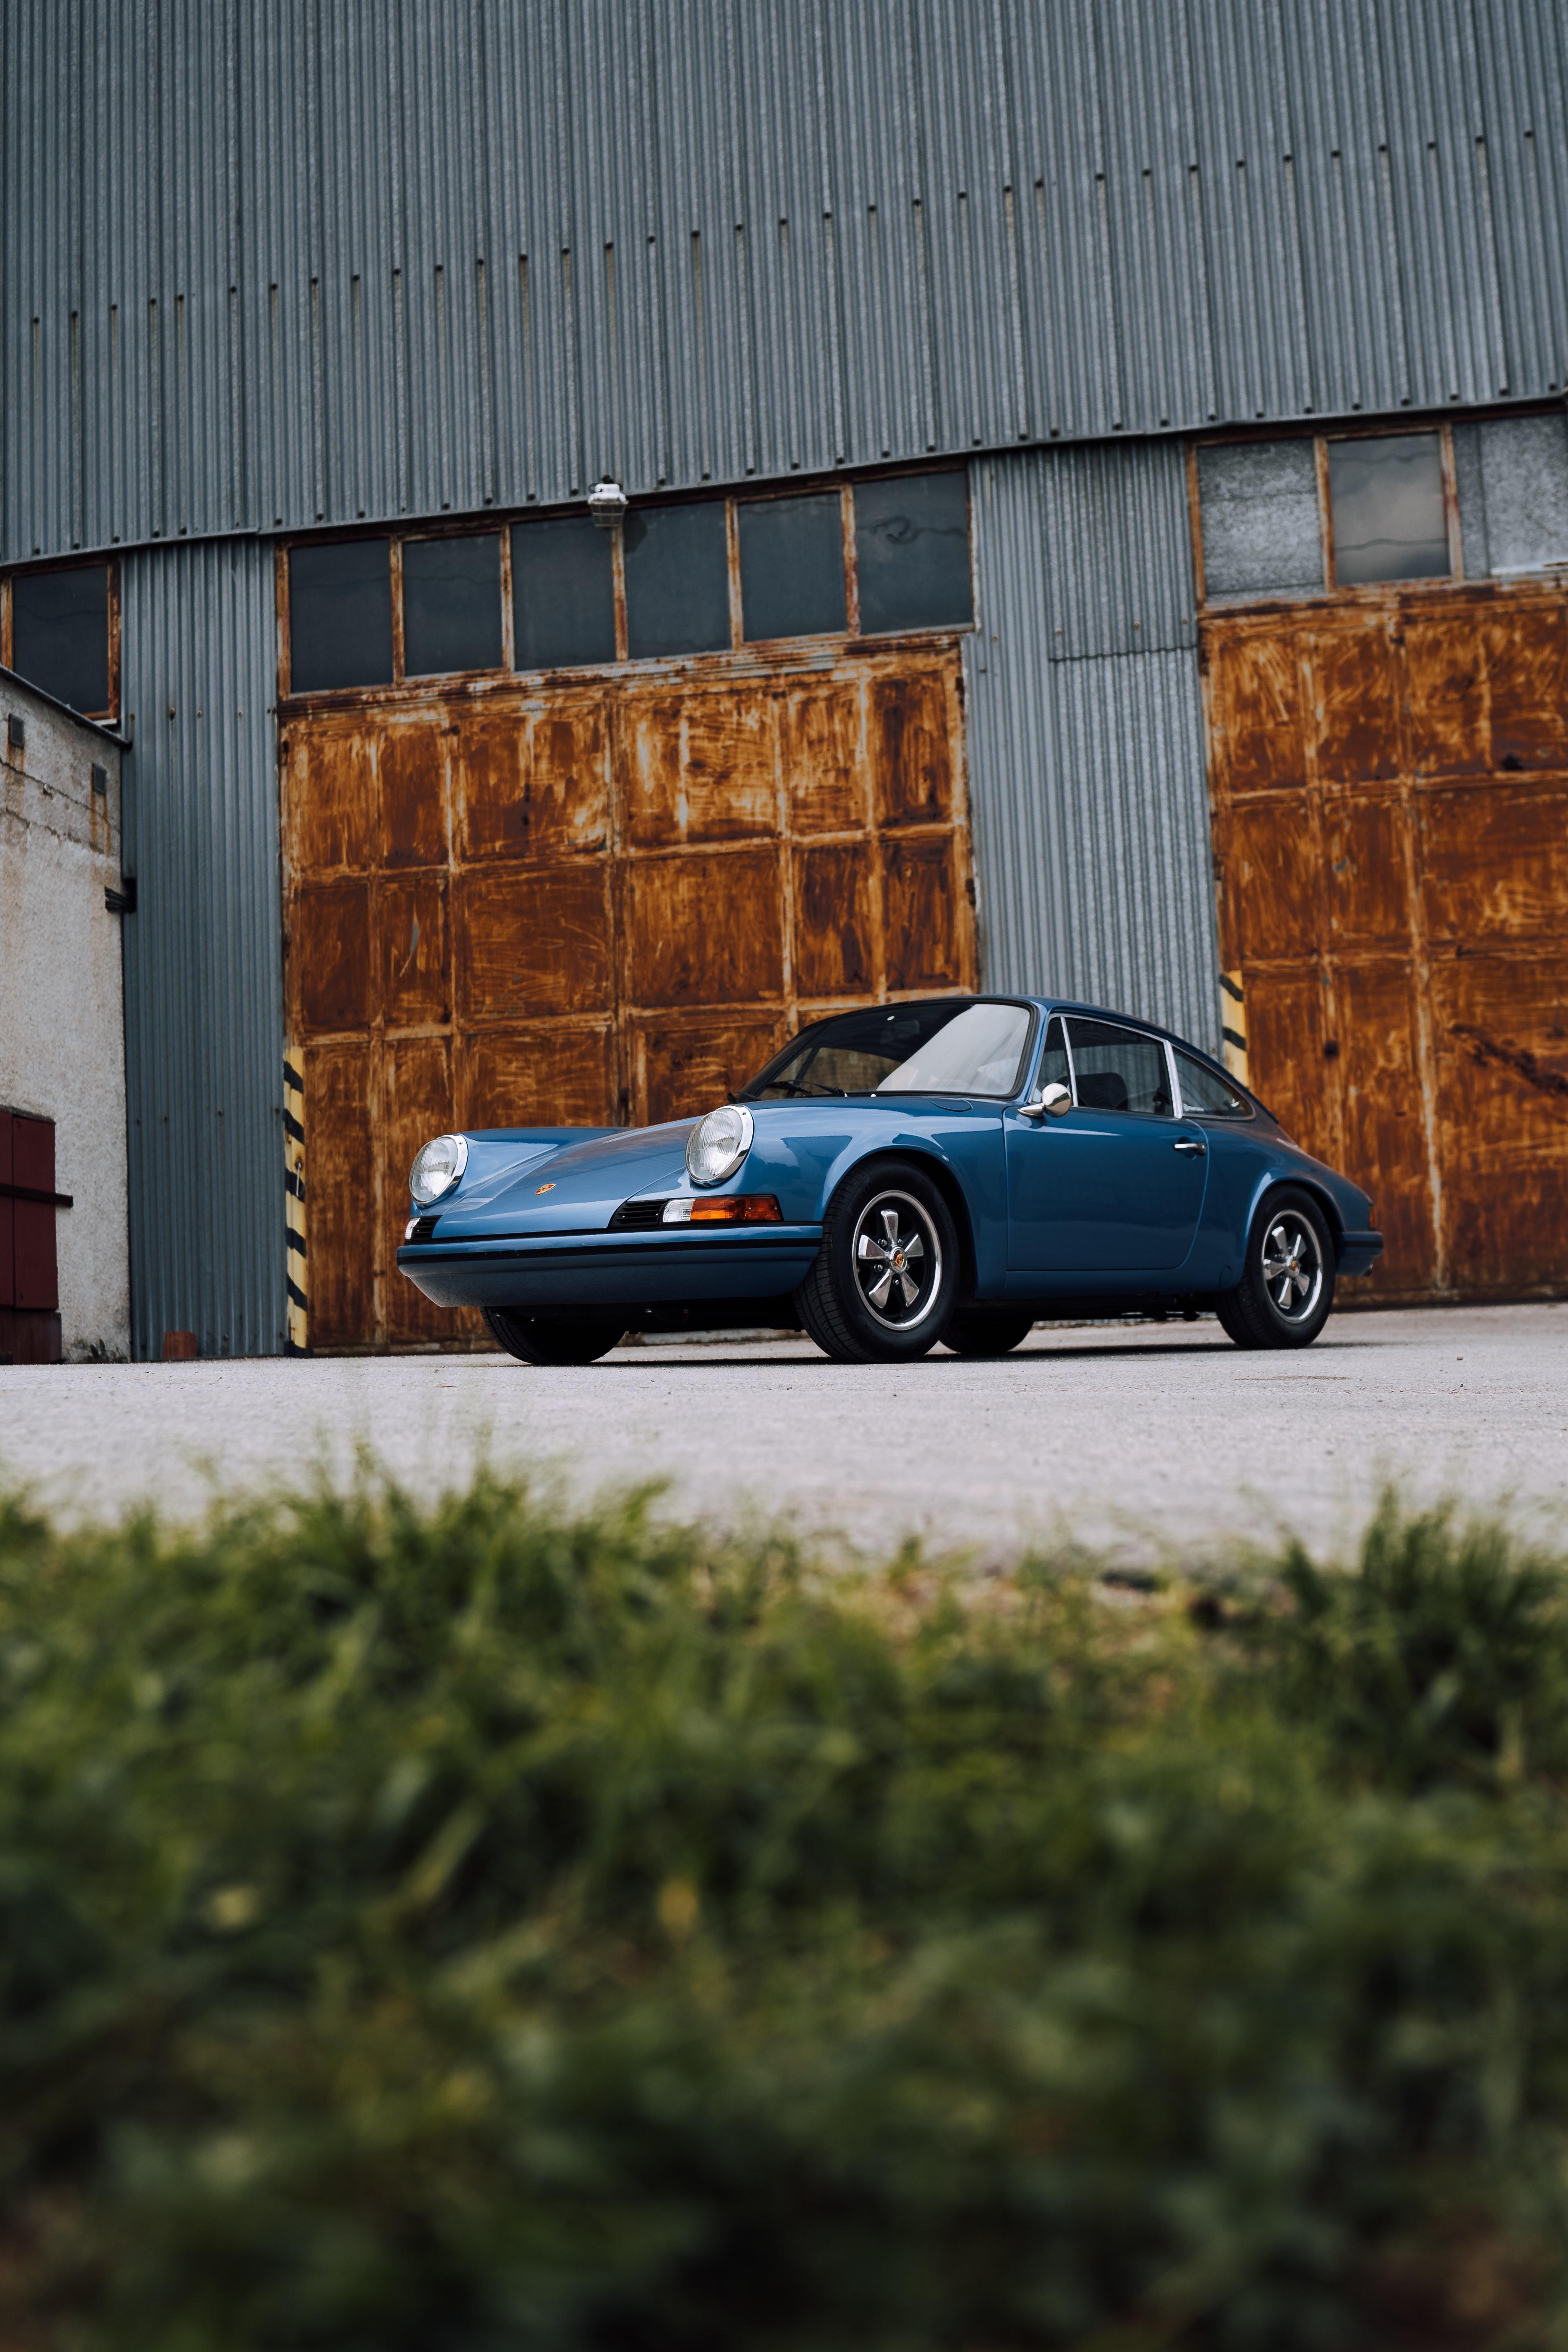 132425 Заставки и Обои Порш (Porsche) на телефон. Скачать Порш (Porsche), Тачки (Cars), Автомобиль, Синий, Вид Сбоку картинки бесплатно